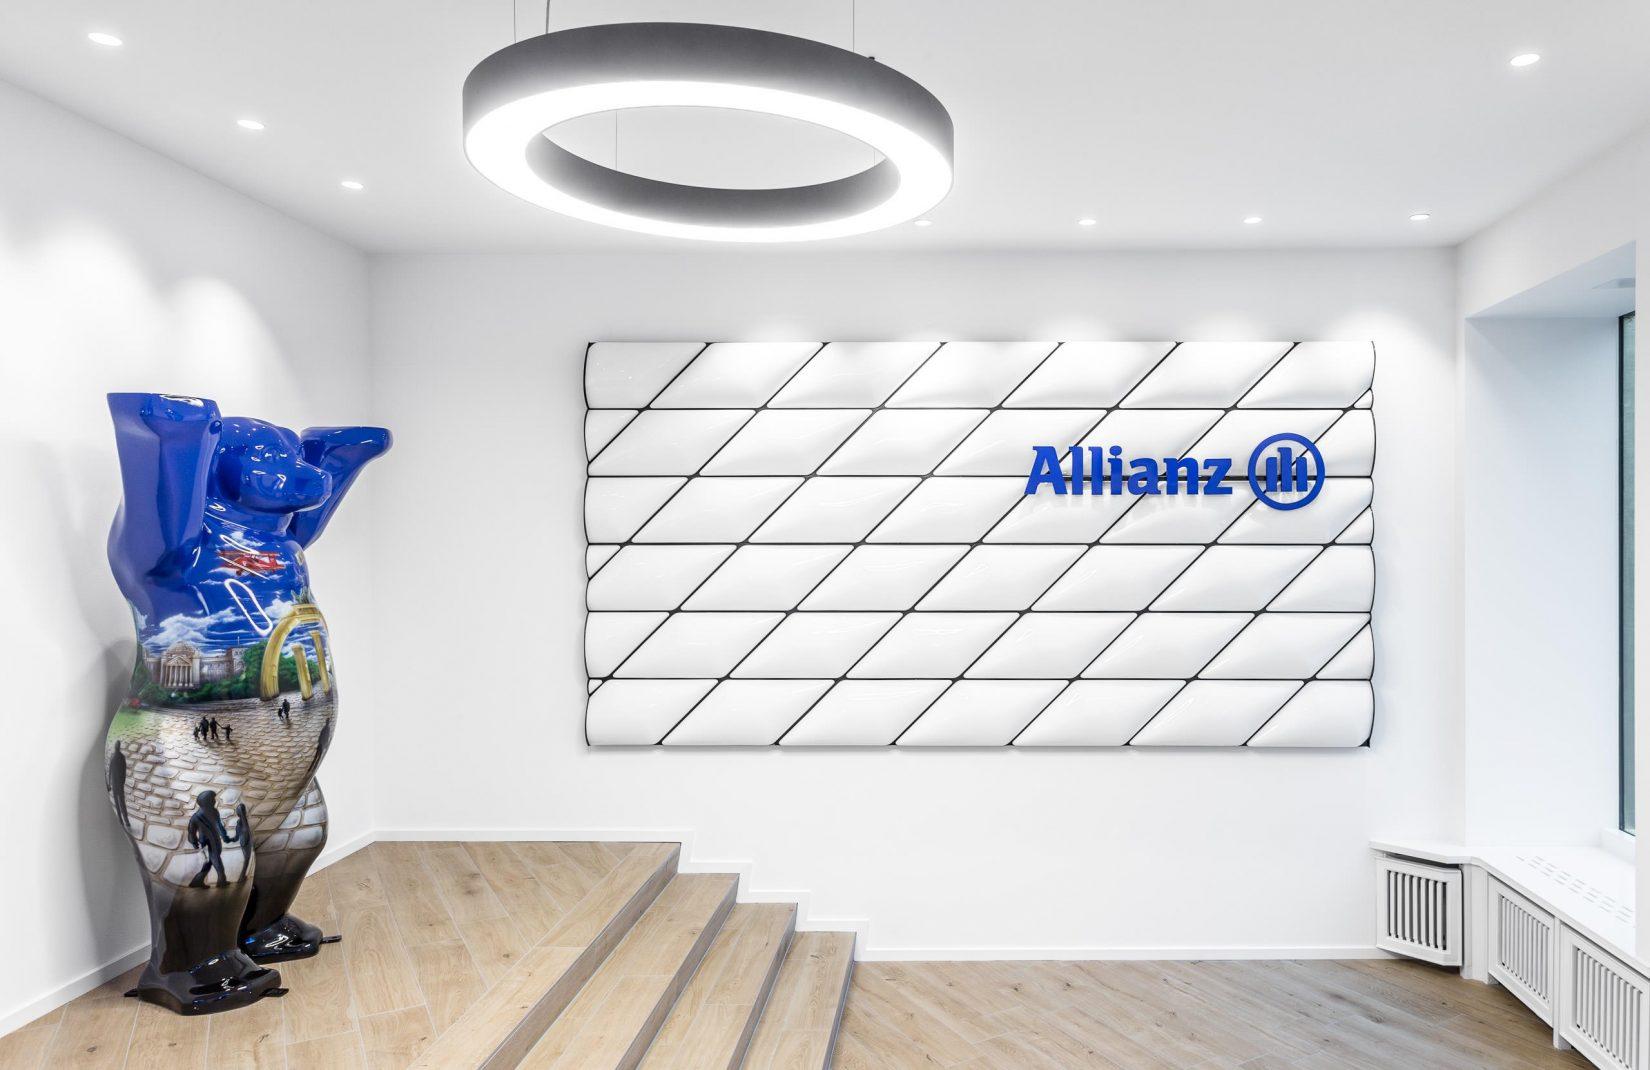 Allianz Versicherung Berlin David Patrick Kundler: Tausende zufriedene Privatkunden und Geschäftskunden – Werden auch Sie einer von unseren Tausenden Privat- und Unternehmenskunden!